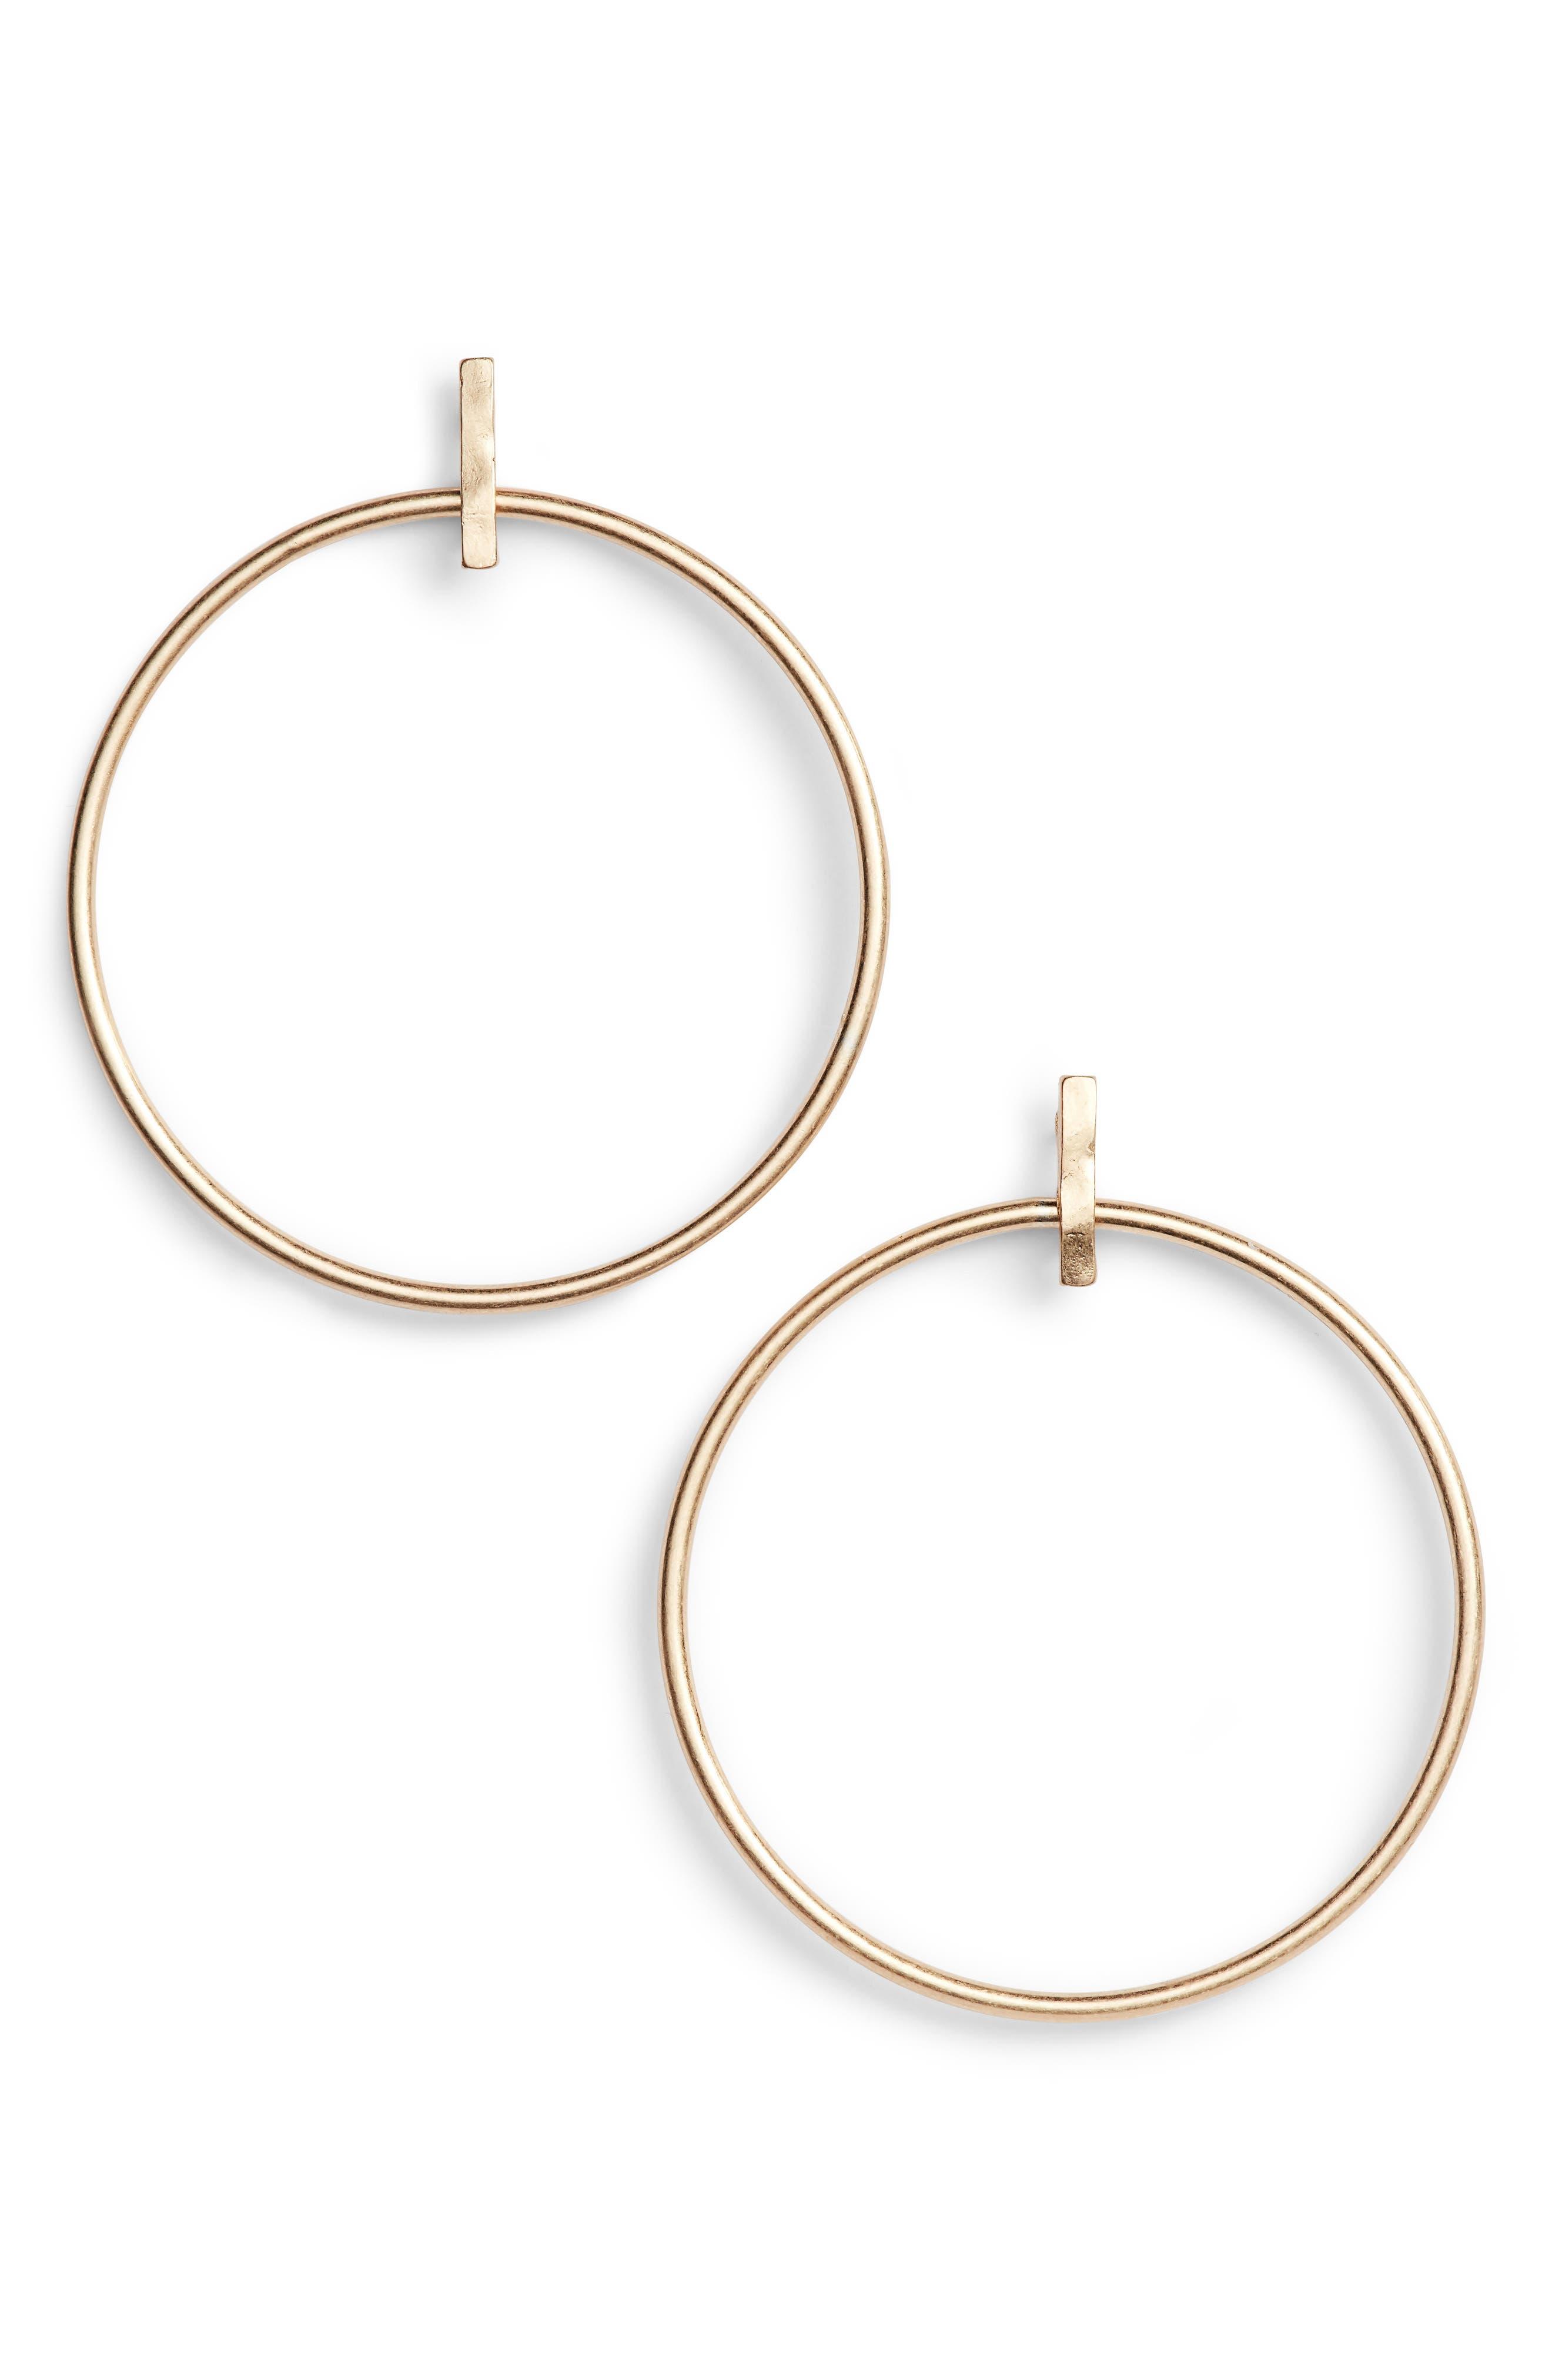 Main Image - Treasure & Bond Bar & Hoop Earrings